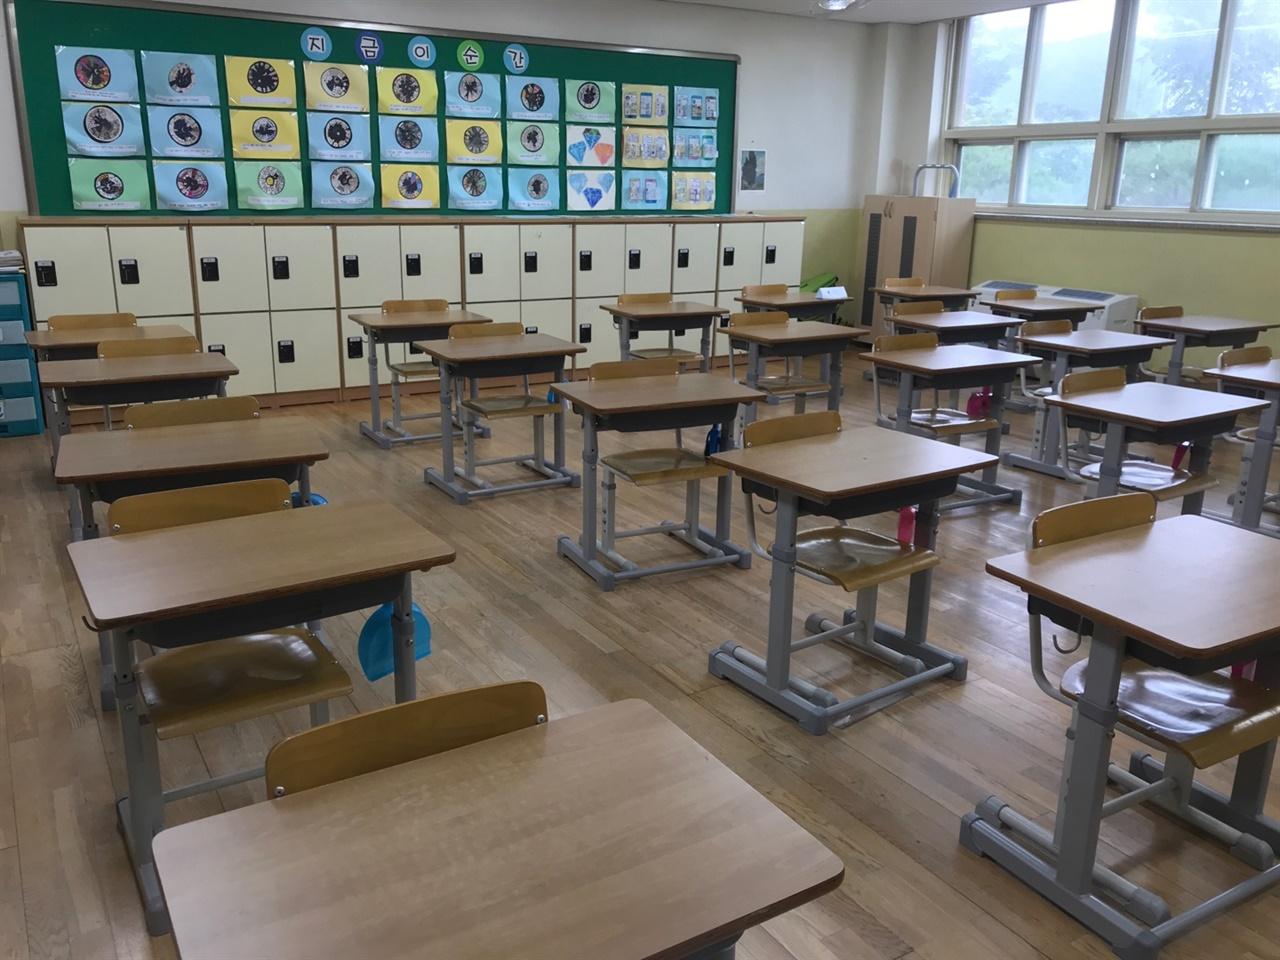 전격 온라인 수업으로 인해 비어있는 교실 모습입니다. 불가피하게 학부모 공개수업 또한 줌수업으로 할 수 밖에 없었습니다.